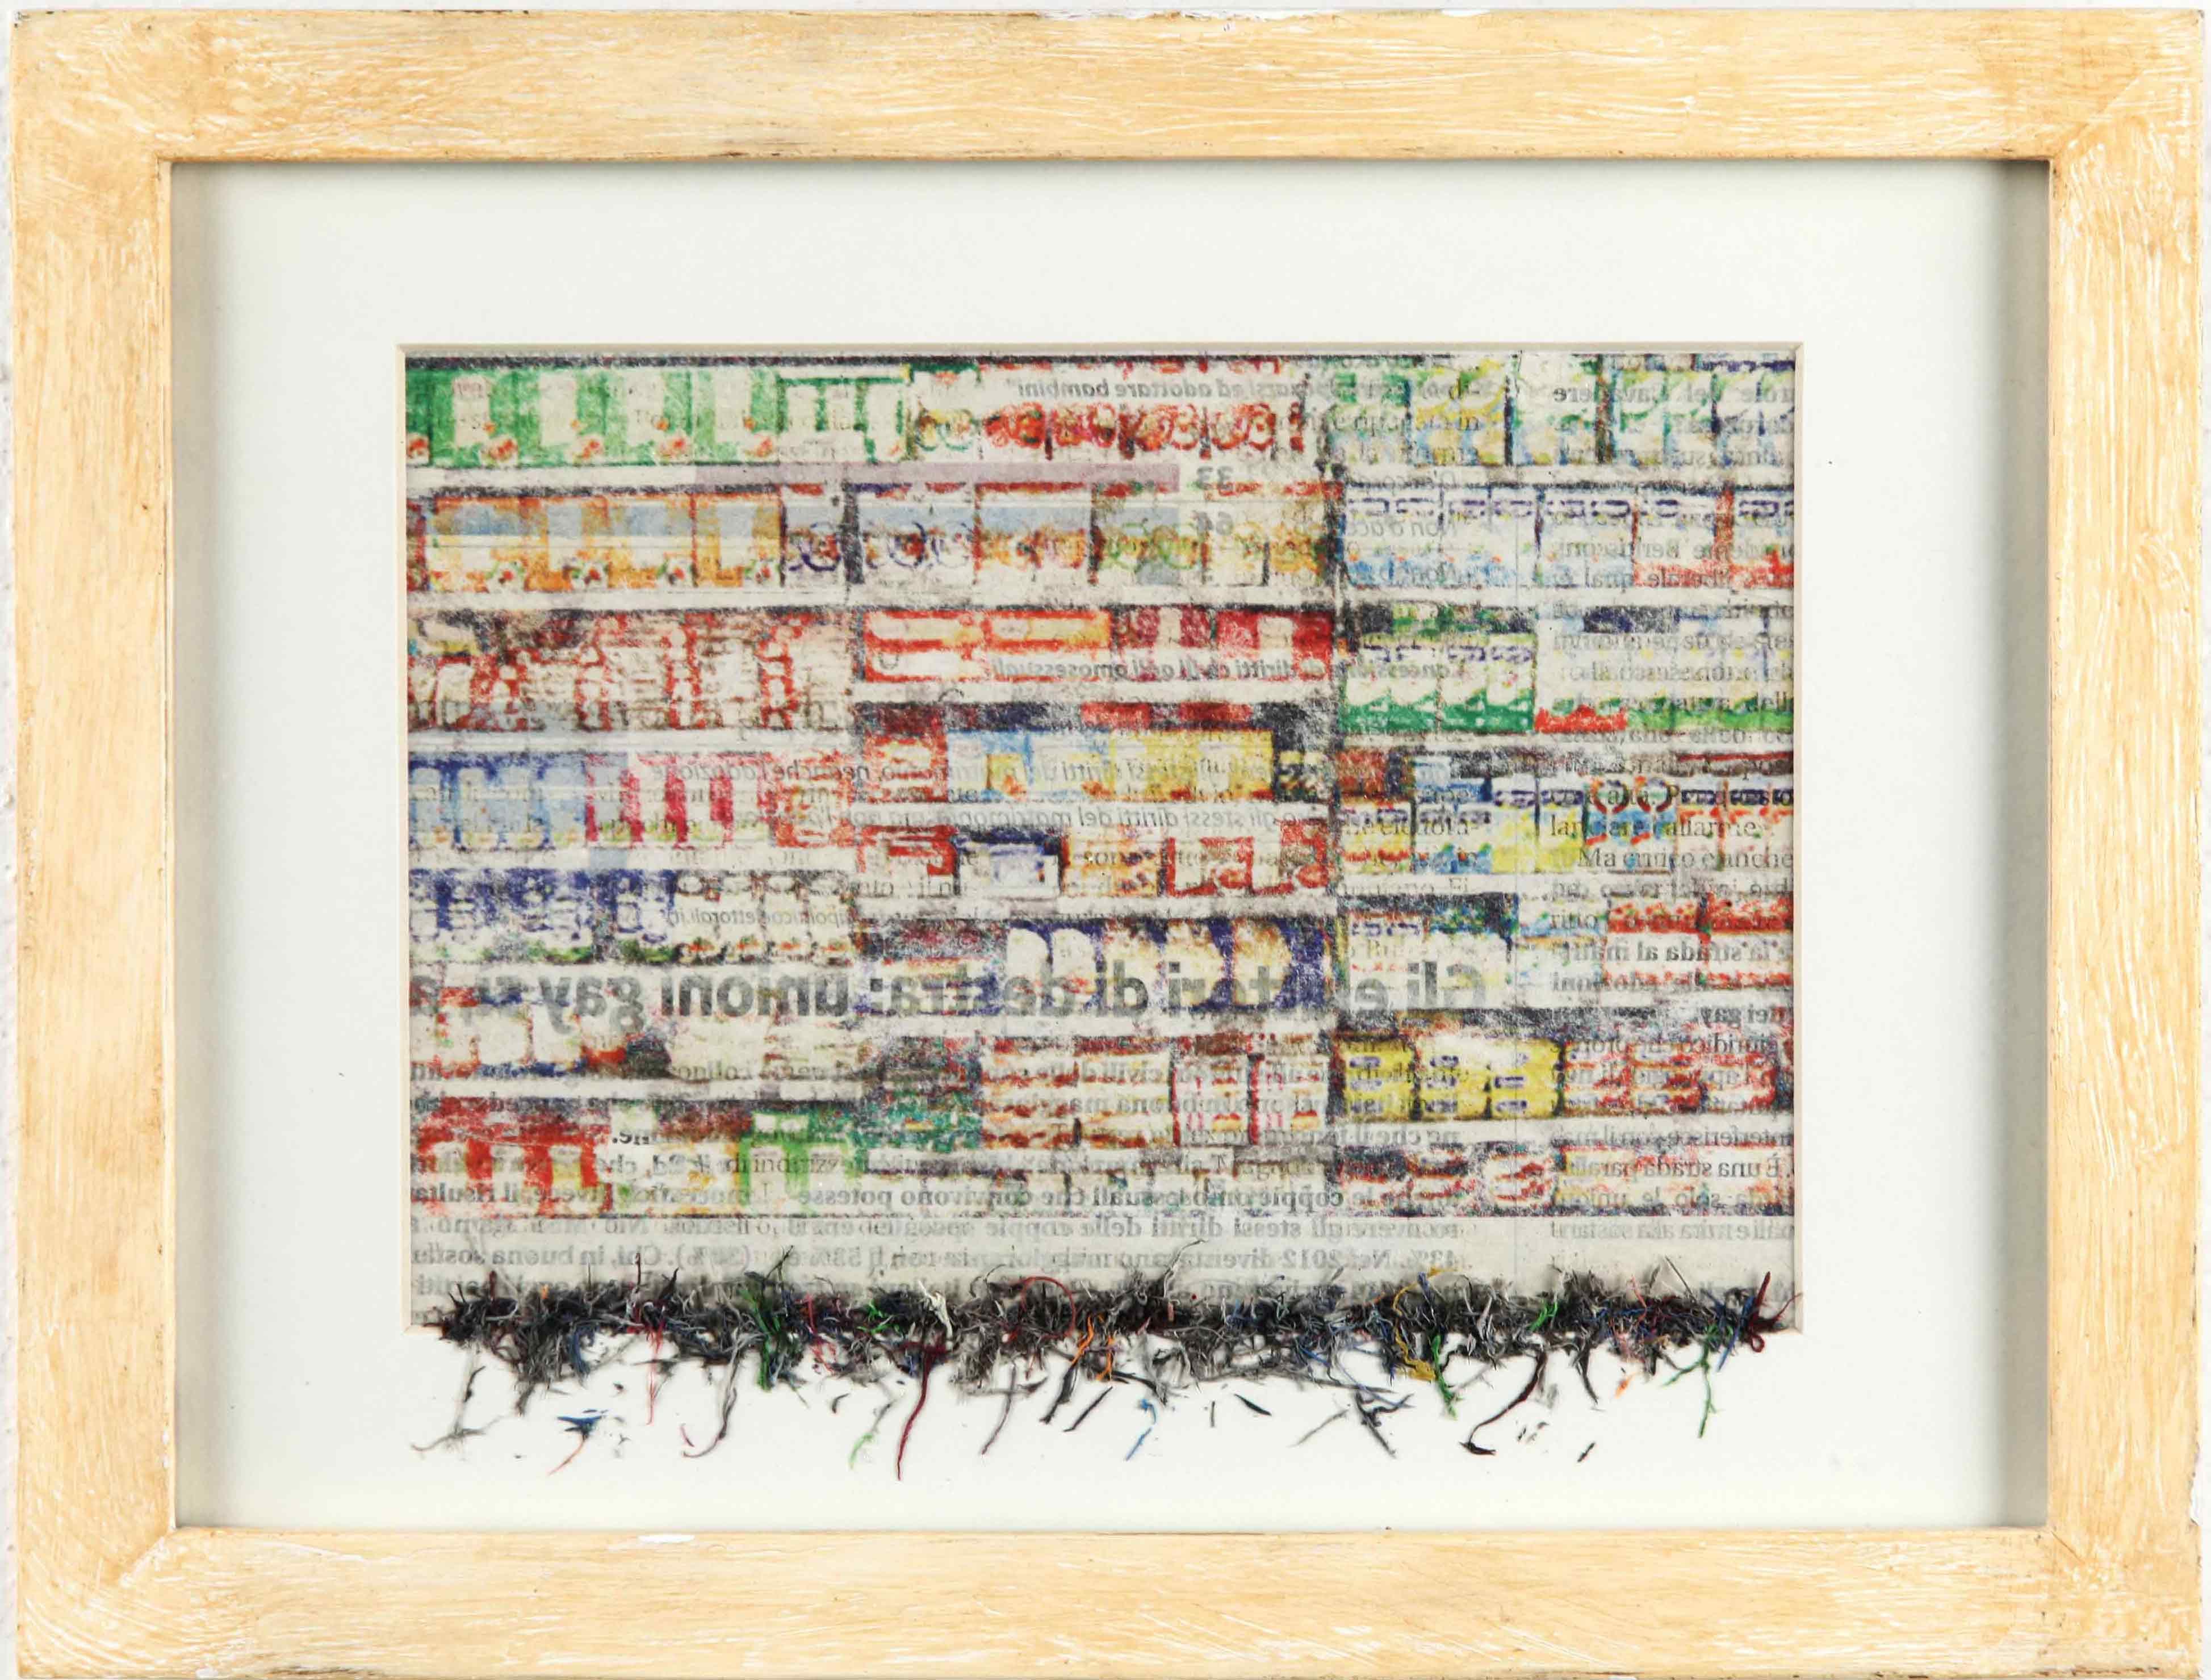 alimentazione-industriale-20x30-fotografia-editoriale-cancellata-trucioli-di-gomma-contenenti-parte-dellimmagine